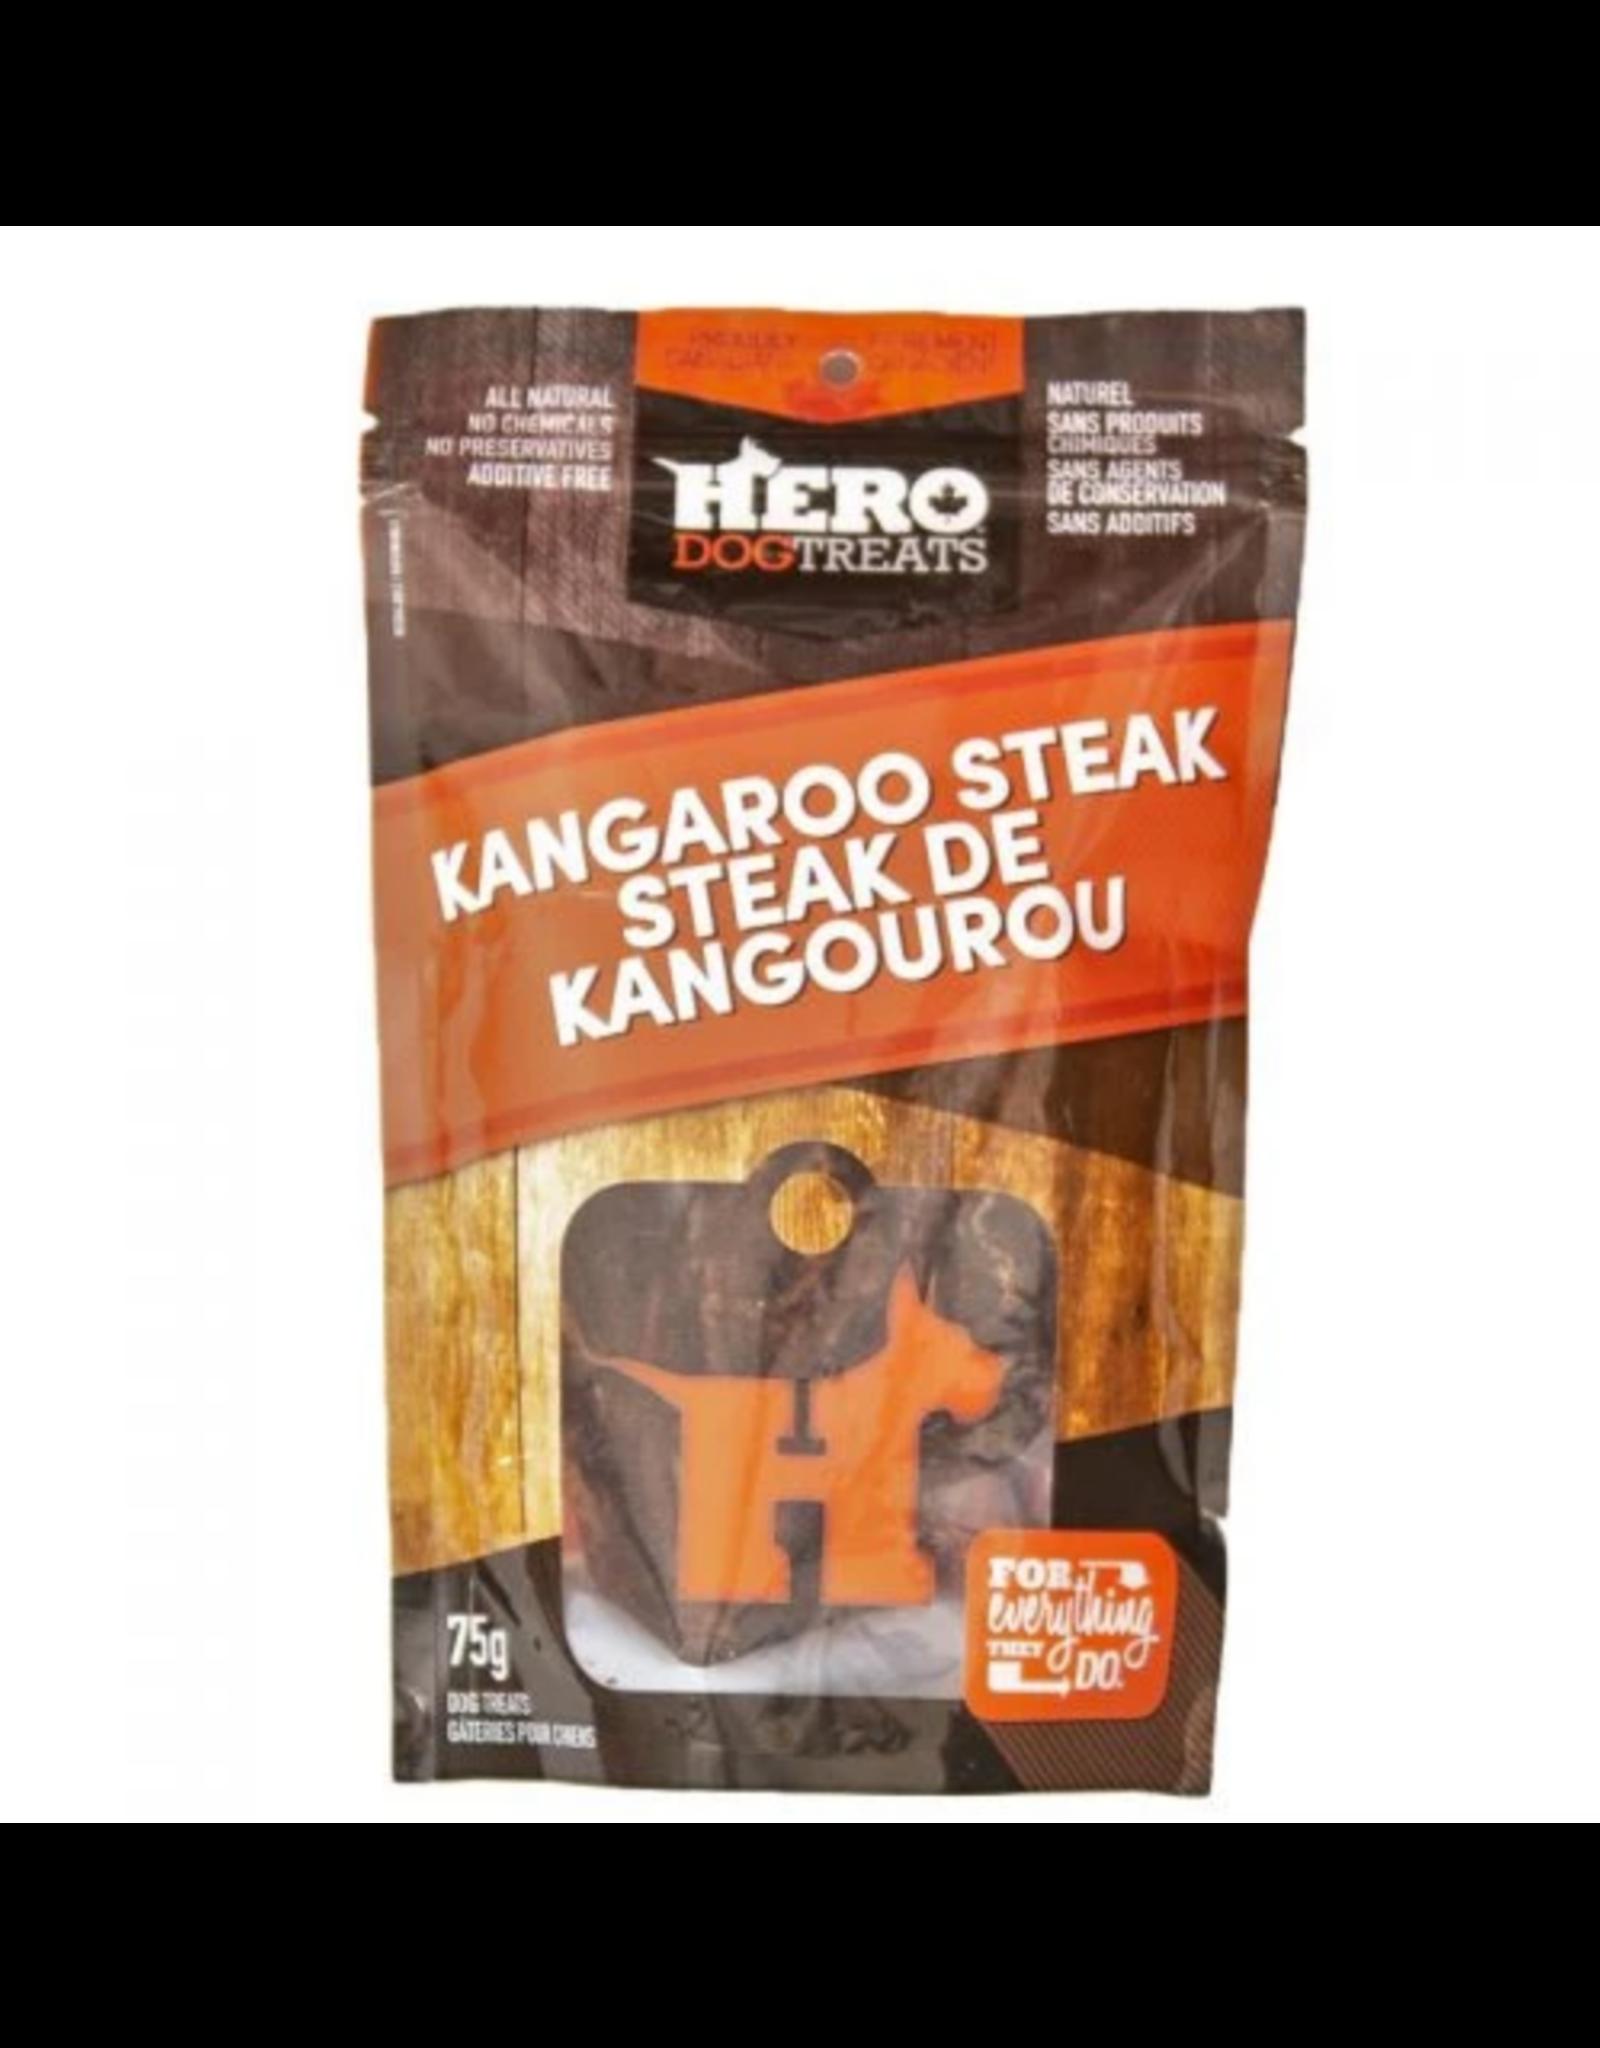 HERO DOG TREATS HERO KANGAROO STEAK